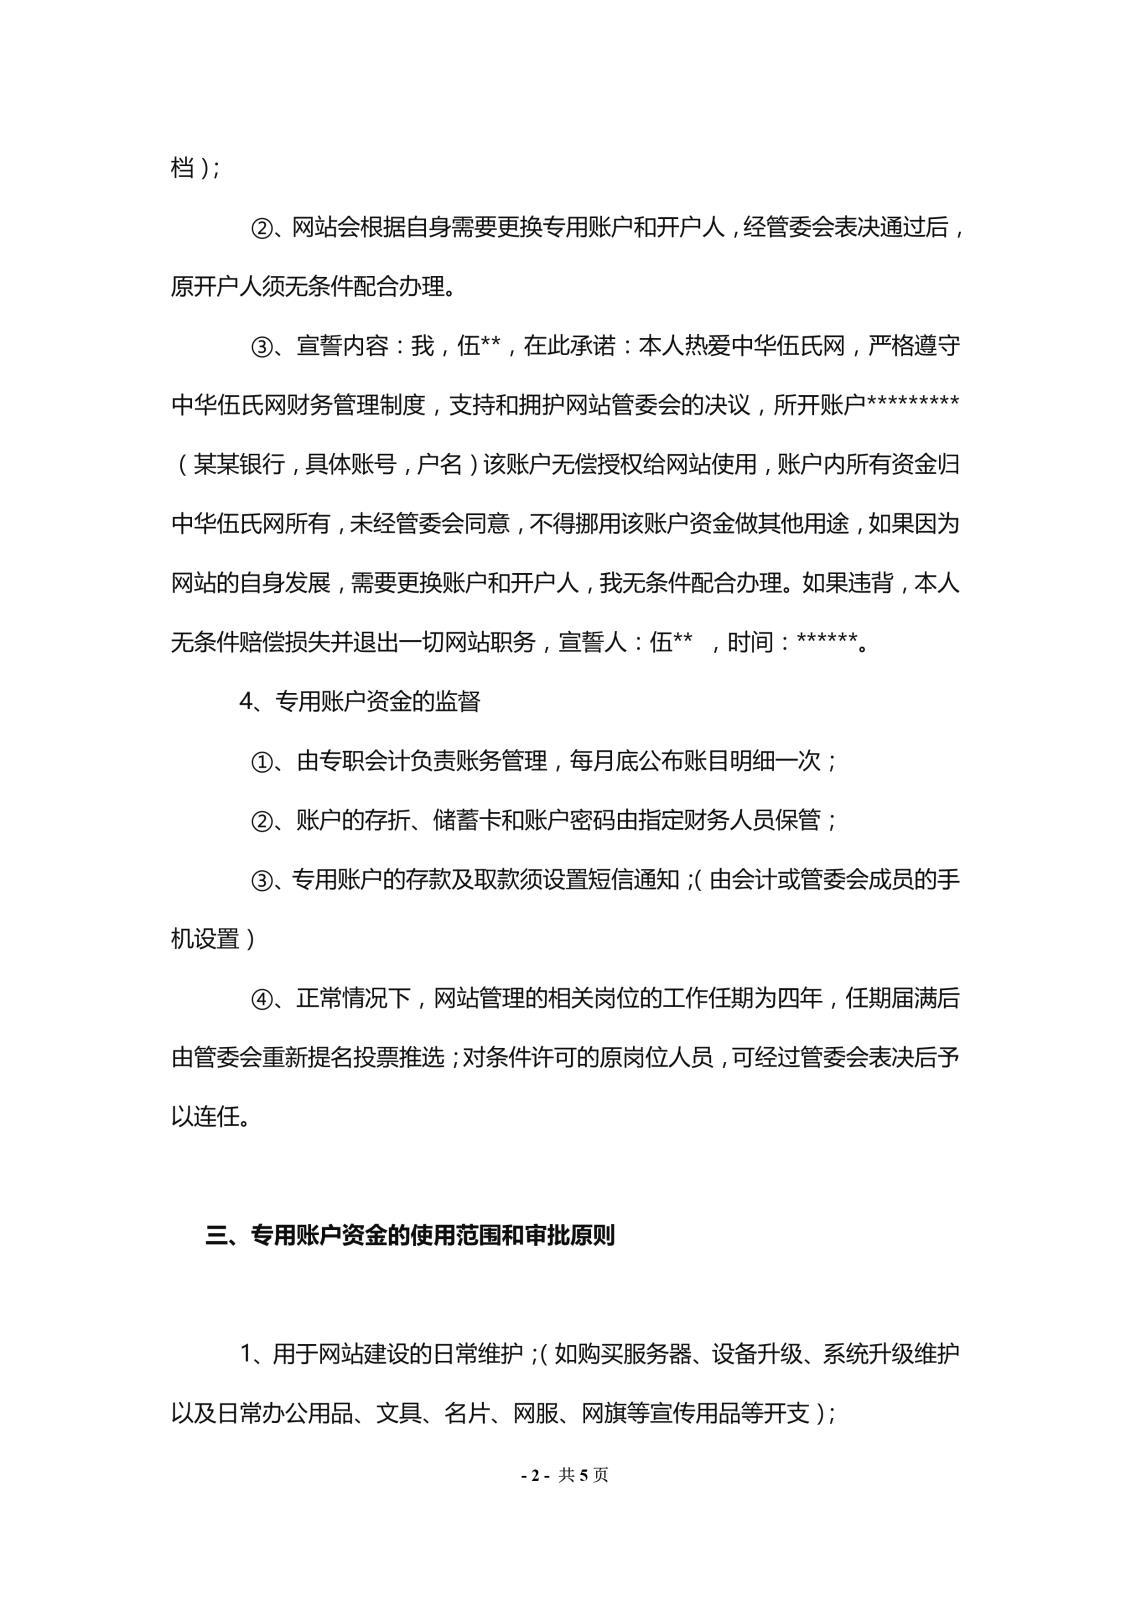 中华伍氏网财务管理制度2021-2.jpg